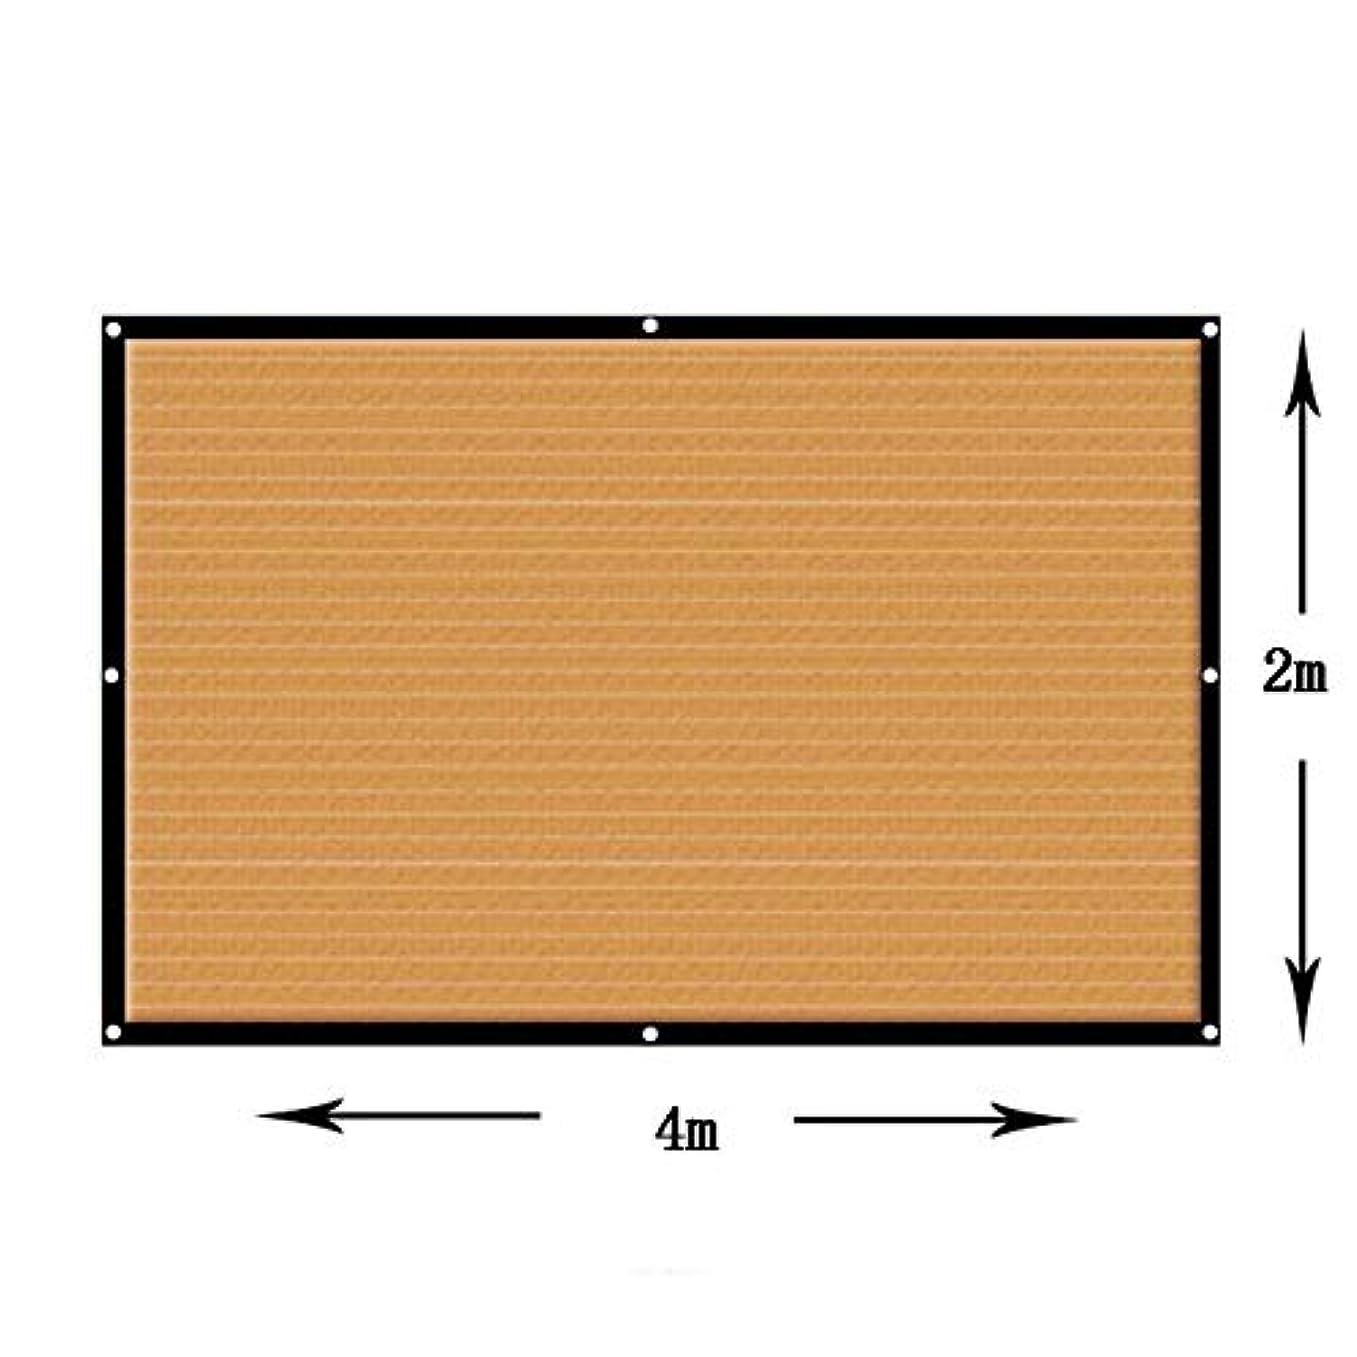 深さ株式昼寝ZX タープ シェーディングネット アウトドア ガーデン テラスパーティー 日焼け止めオーニング 環境に優しく無味 通気性 テント アウトドア (Color : Yellow, Size : 2x4m)